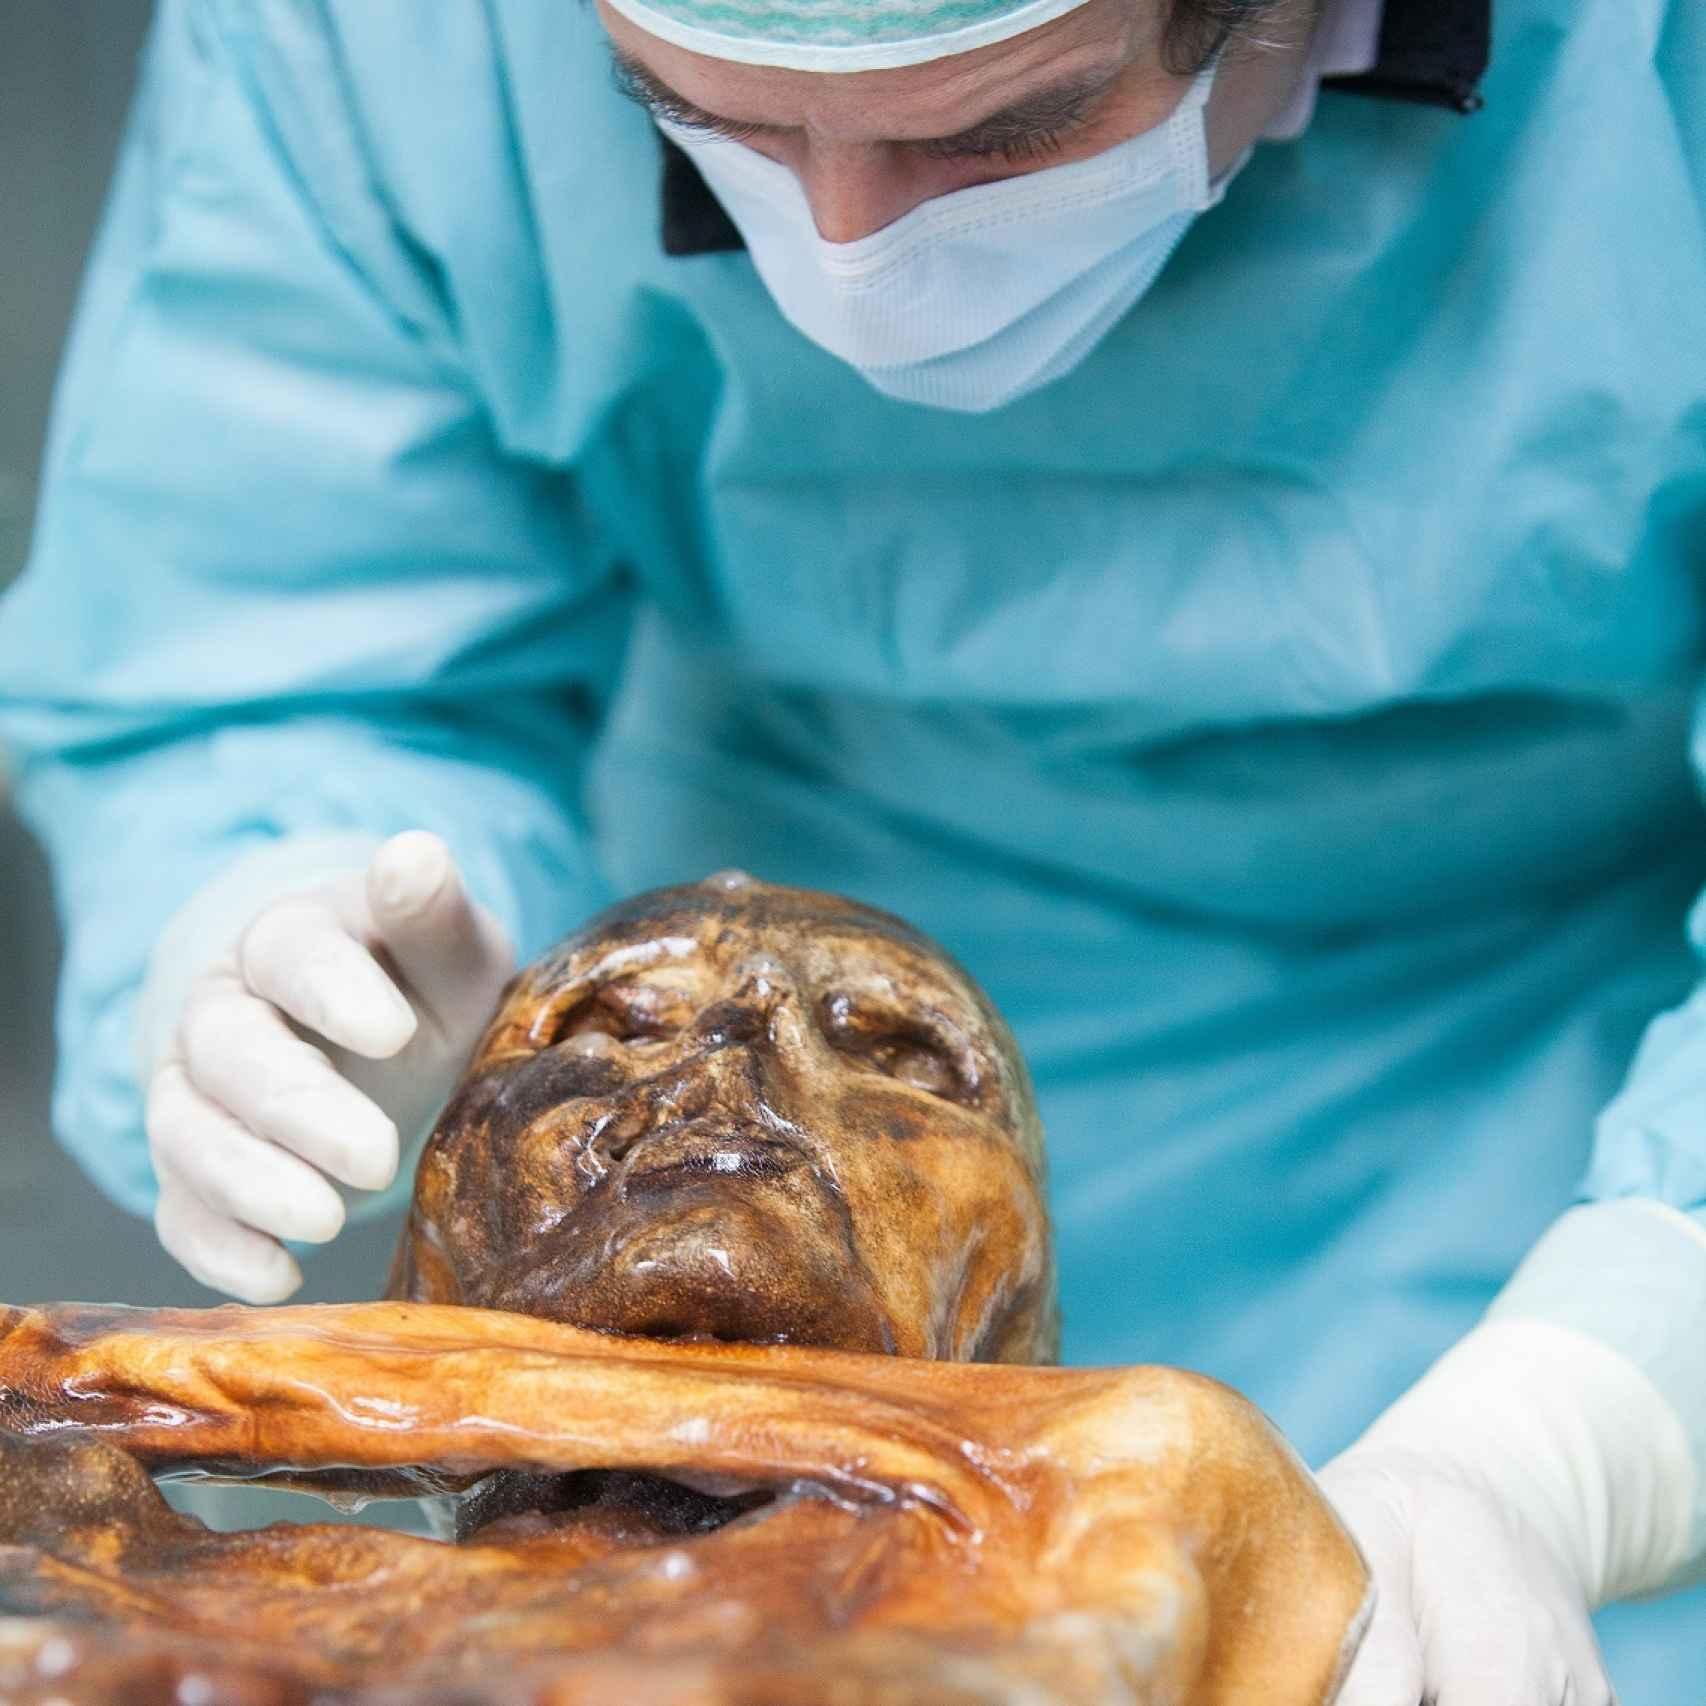 Investigador trabaja con la momia hallada en los Alpes.